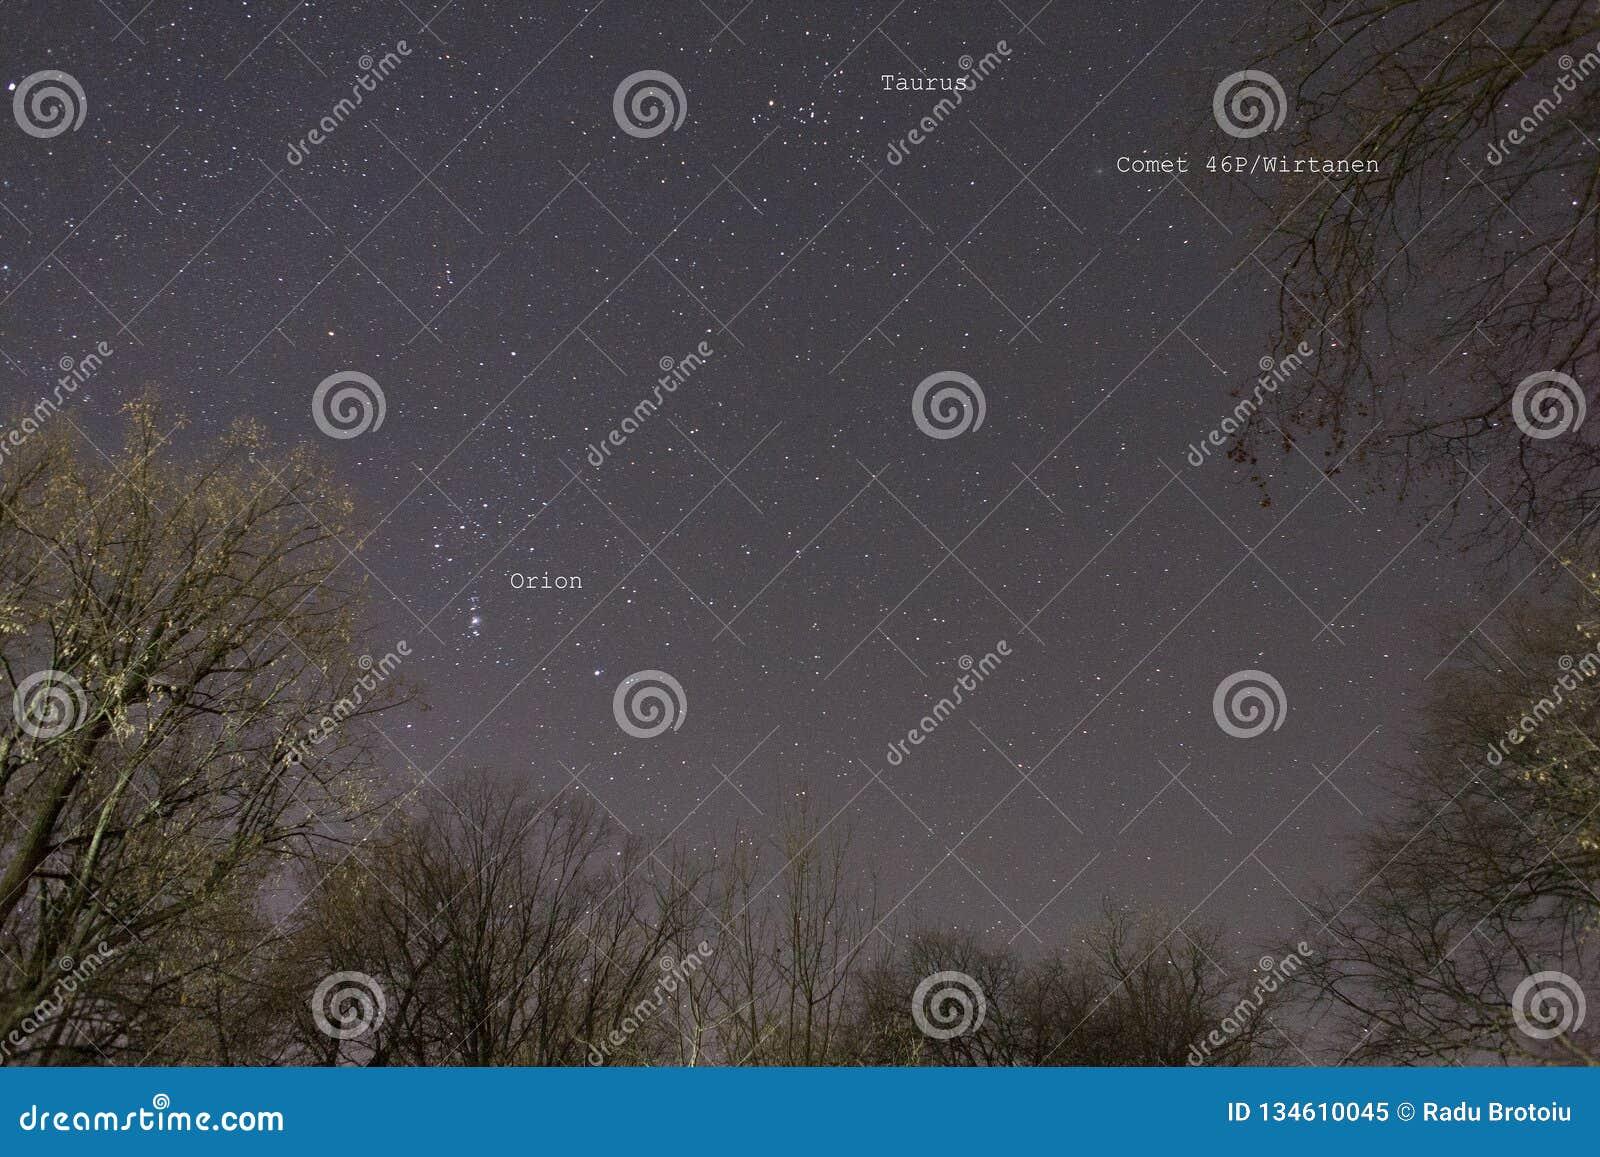 """Κομήτης φωτεινότερος κομήτης 46P/Wirtanen 2018 """""""